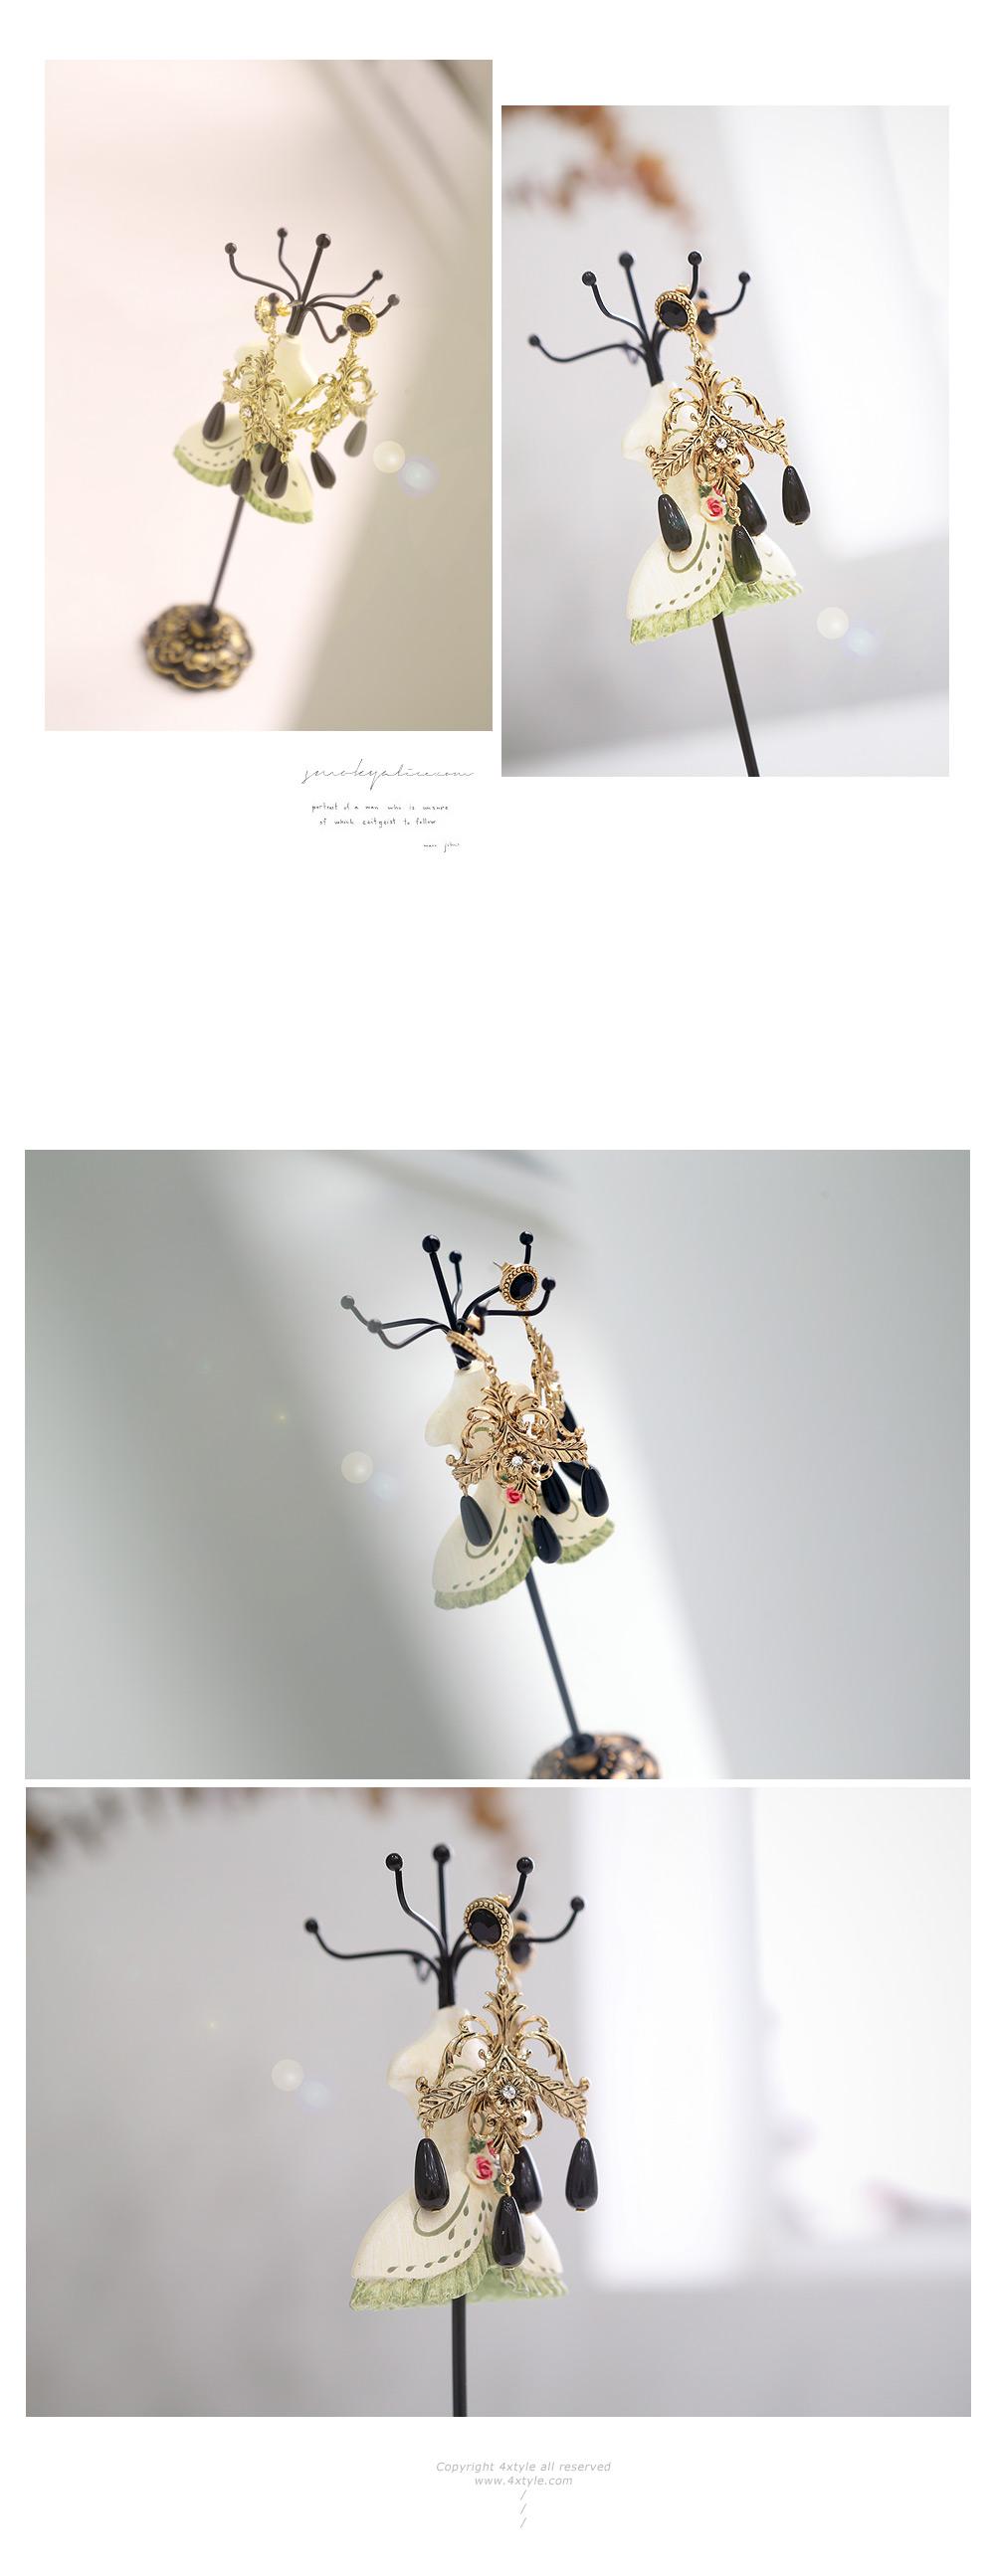 [ 4xtyle ] 黑色的枝形吊灯耳环、一种颜色